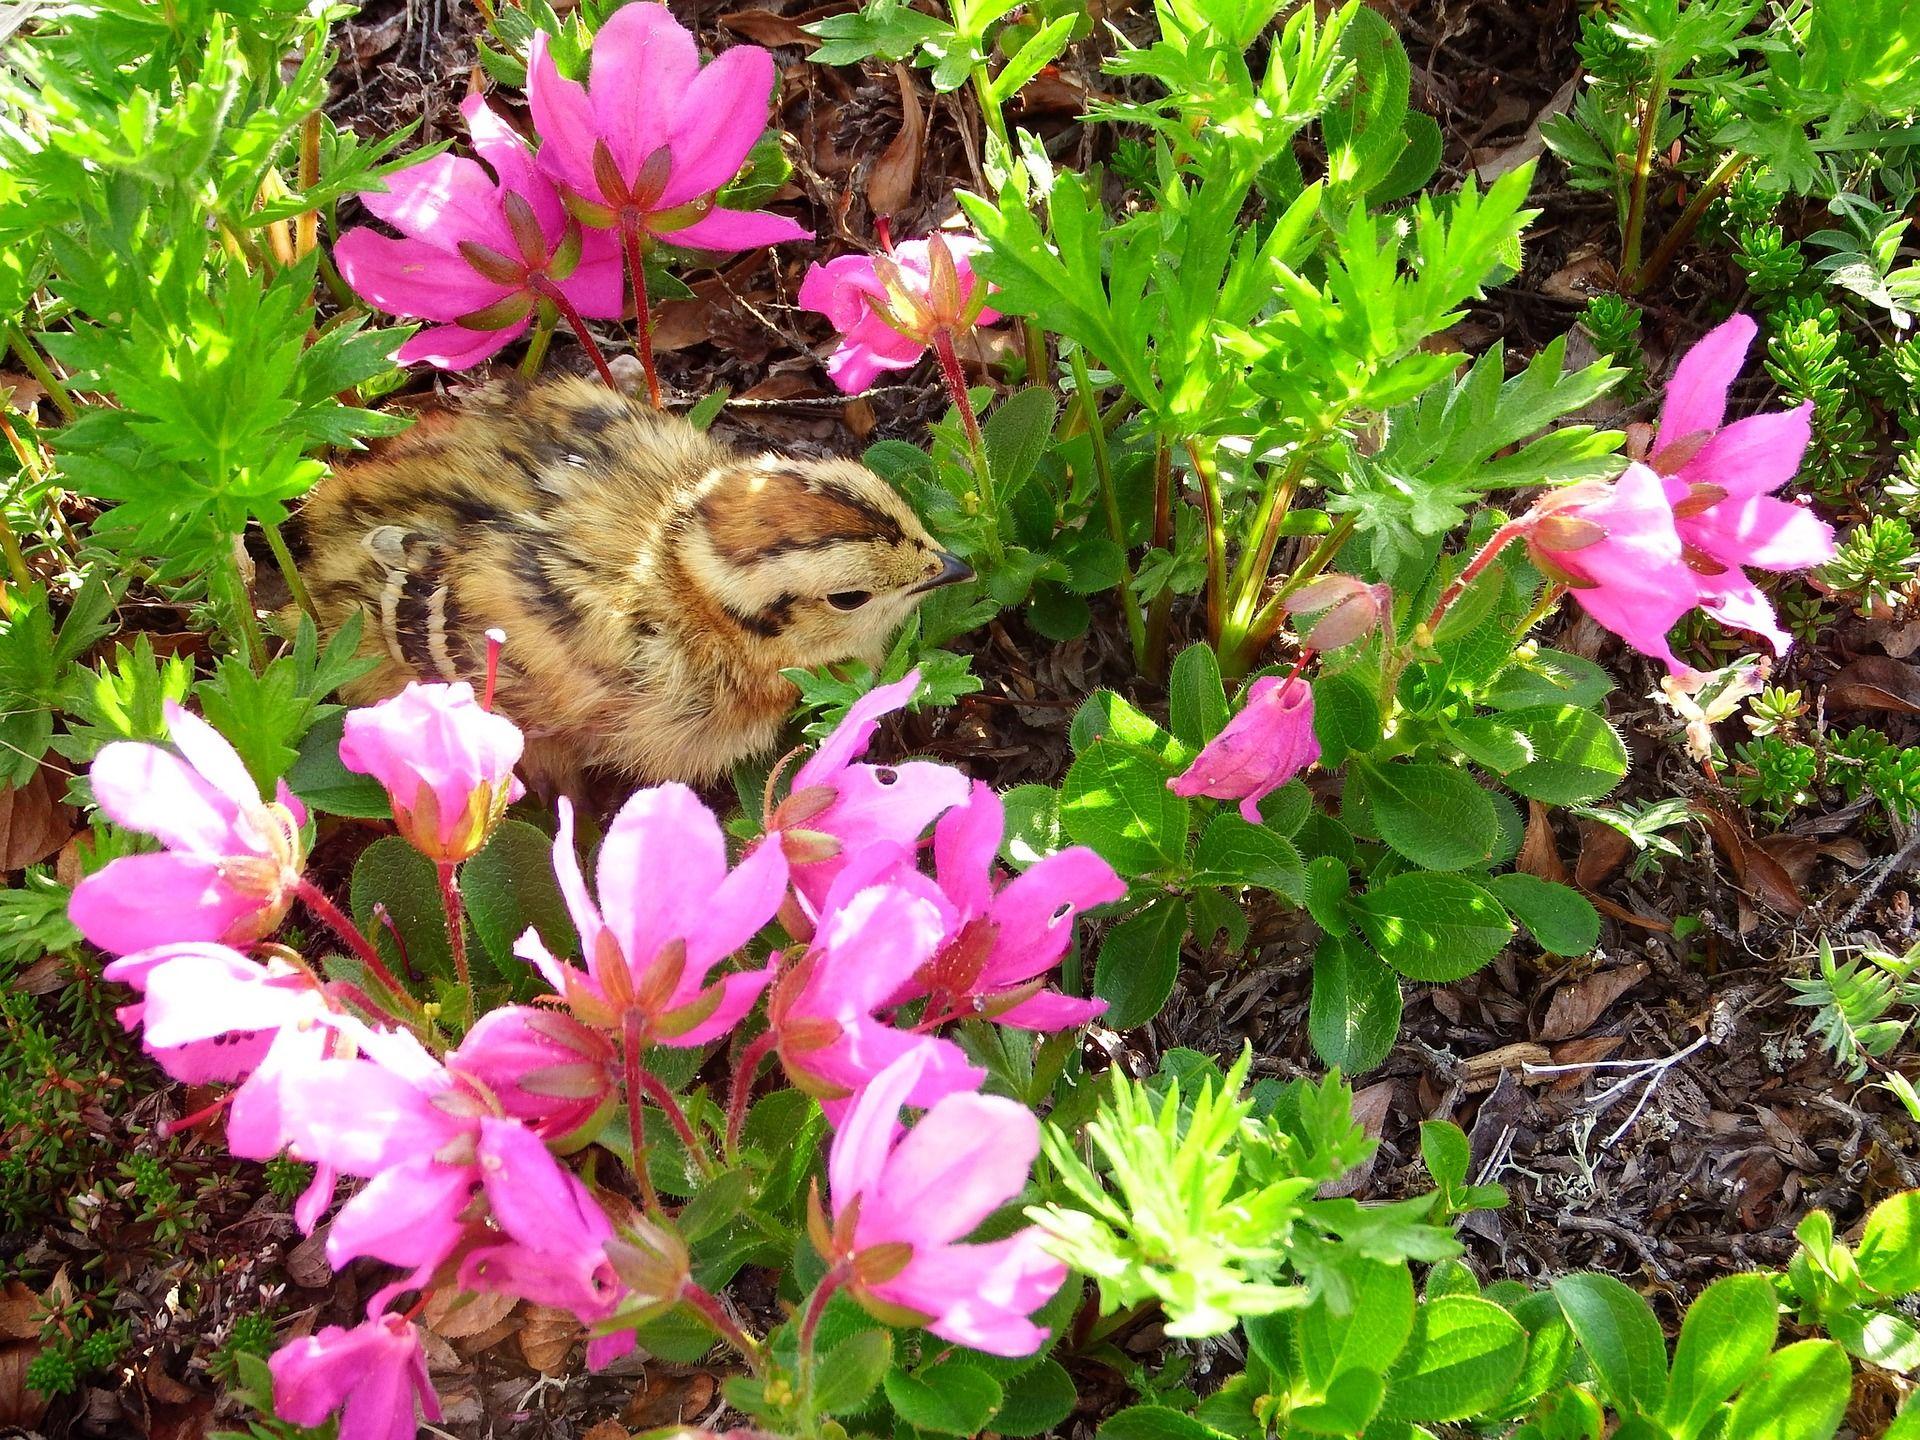 Смотреть лучшее фото куропатка на природе со своими детенышами